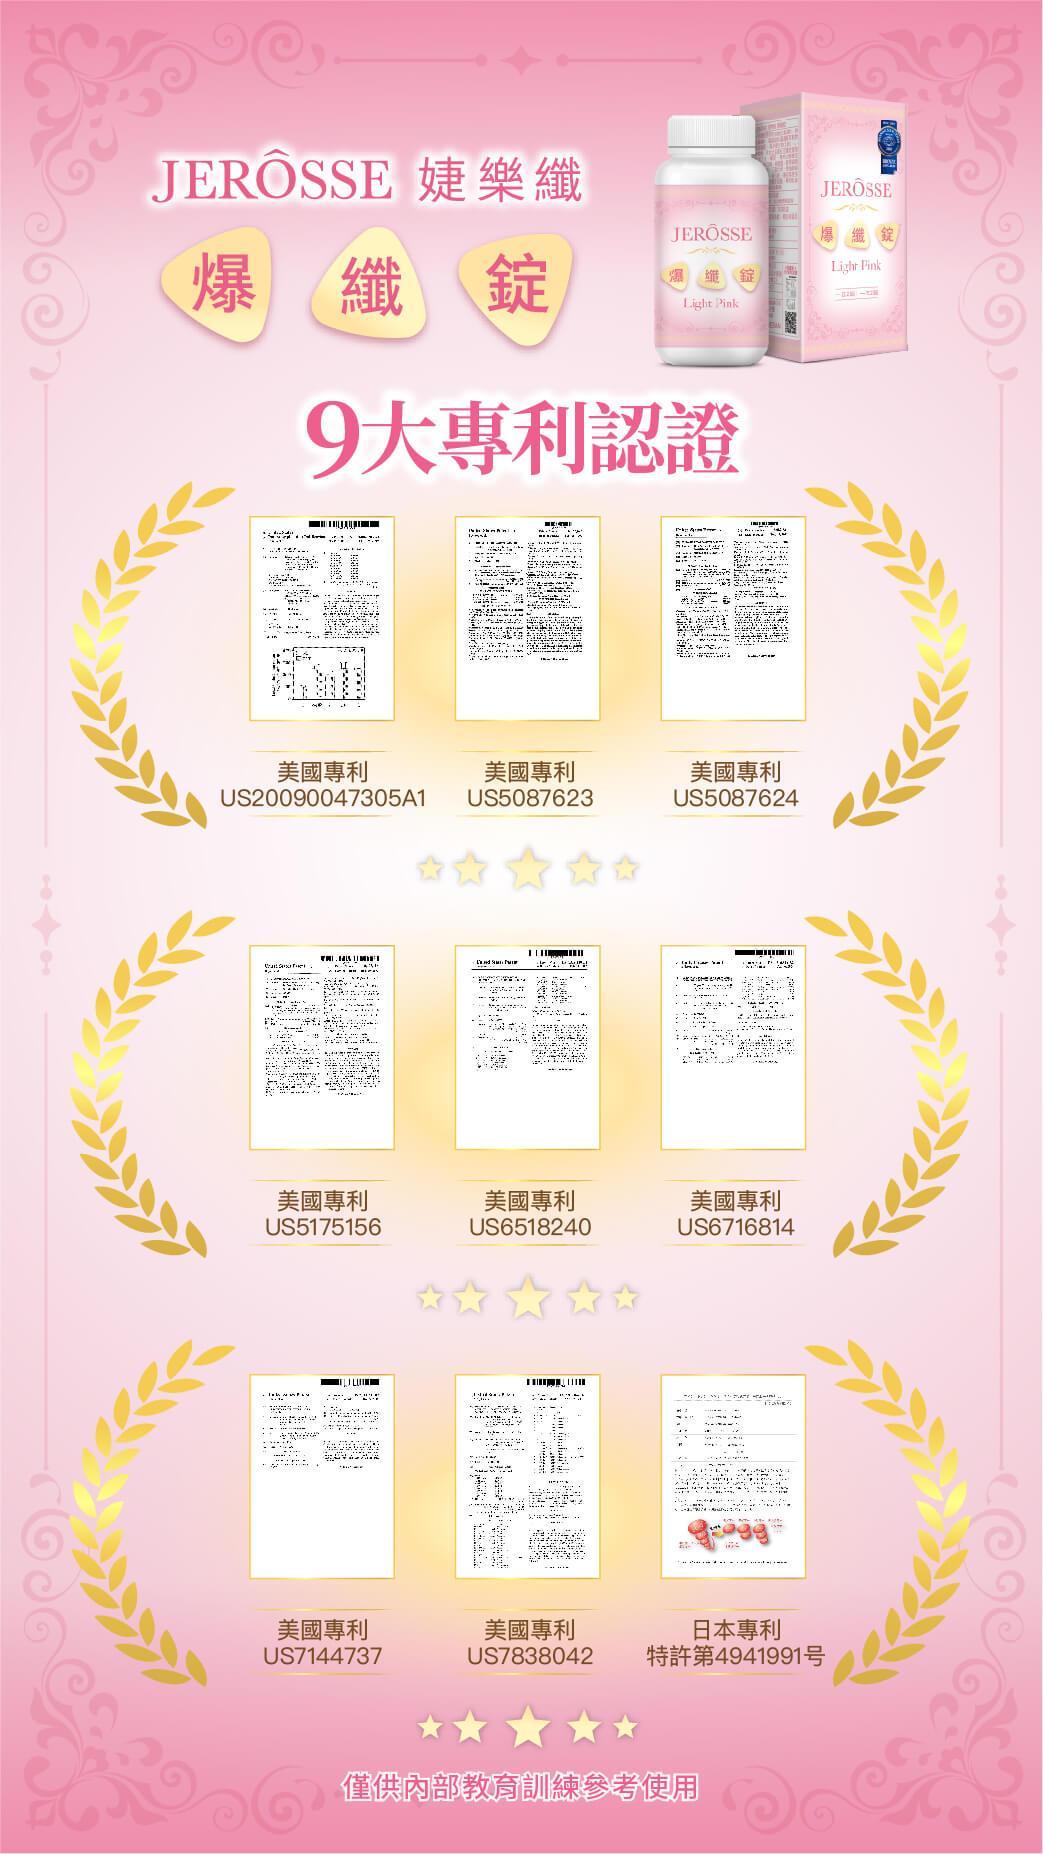 婕樂纖爆纖錠9大專利認證